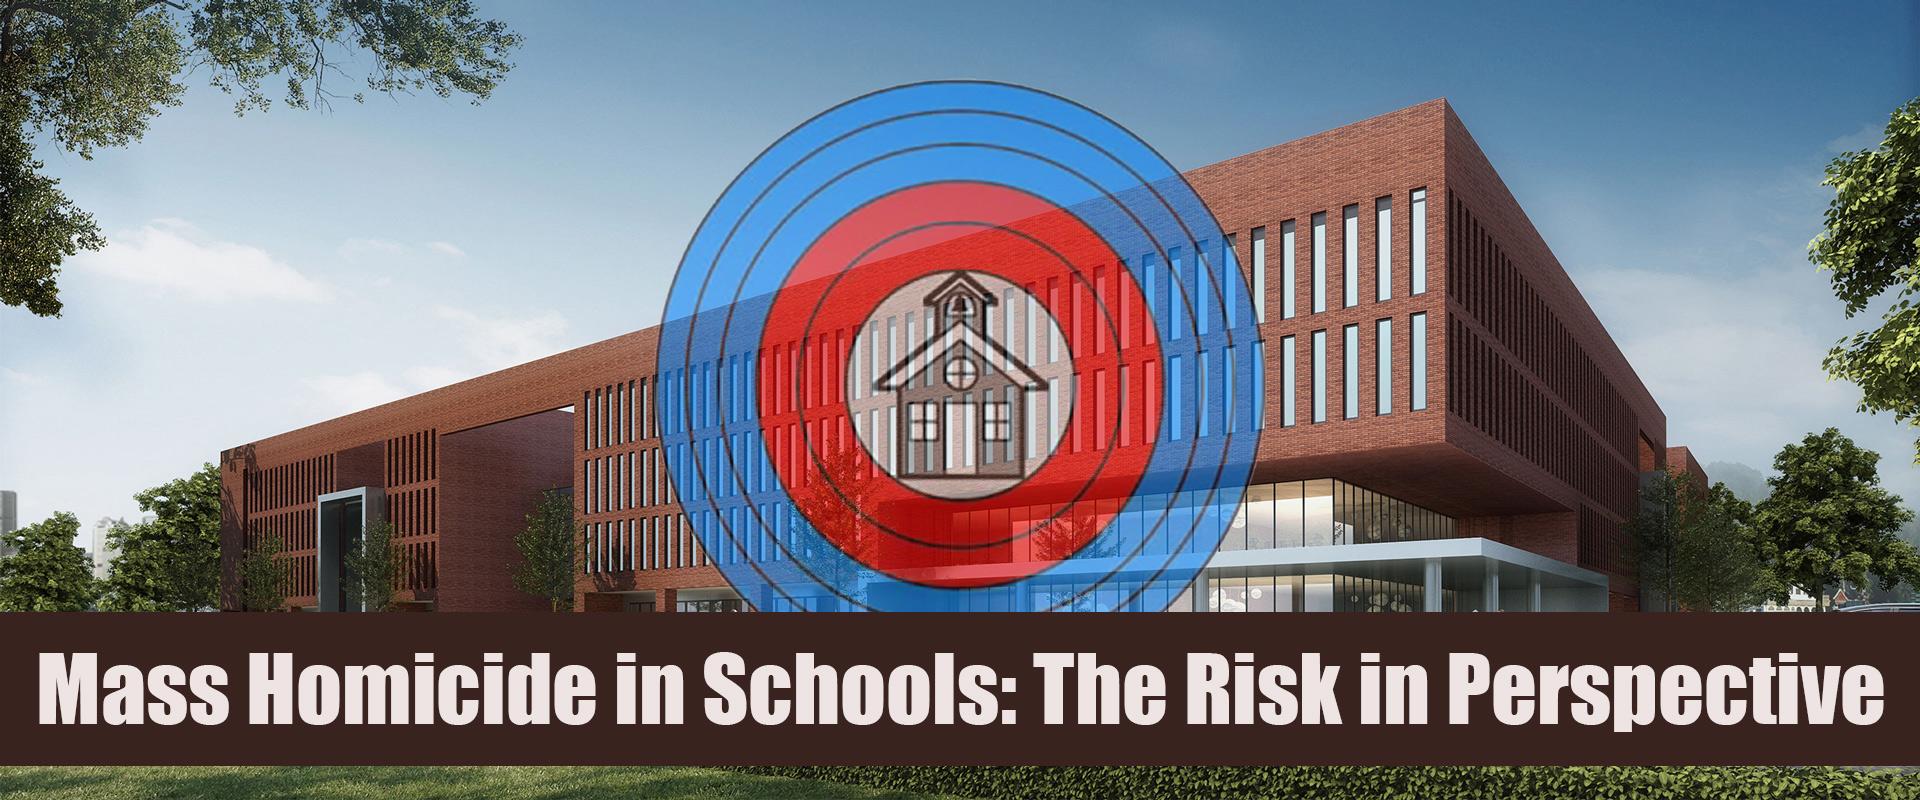 Mass Homicide in Schools - Risk Perspective